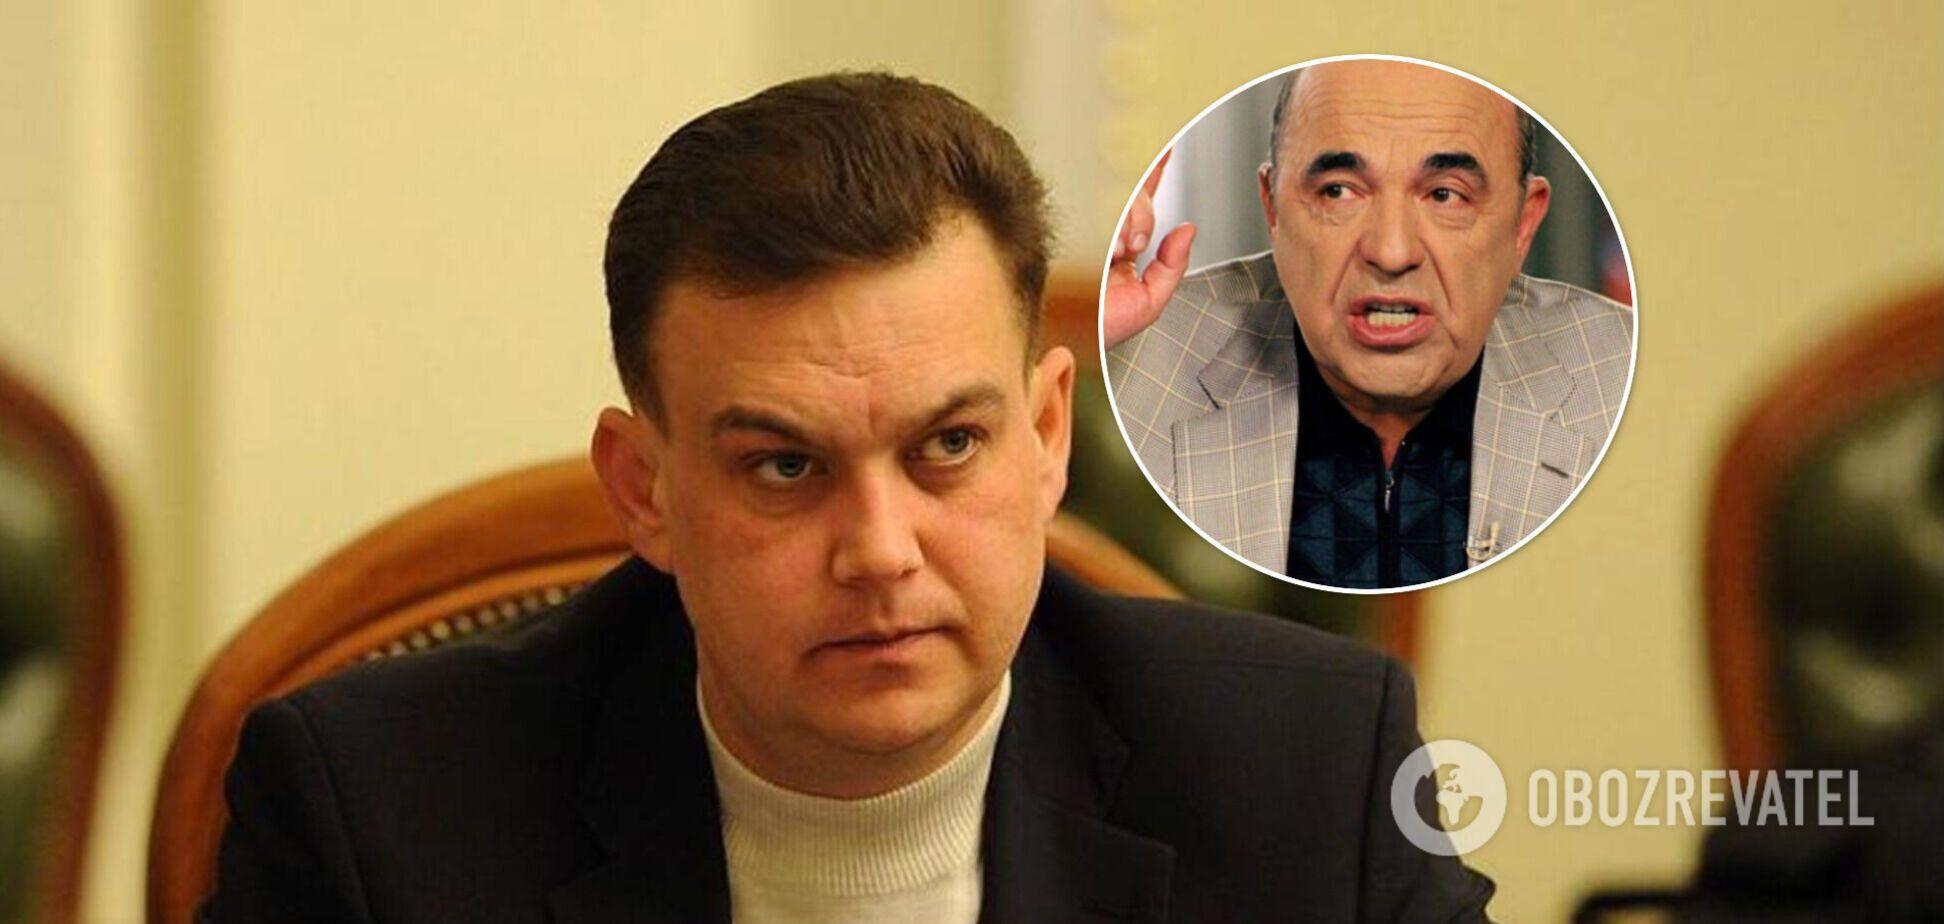 Смерть мэра Кривого Рога Павлова: в ОПЗЖ назвали бредом версию о самоубийстве